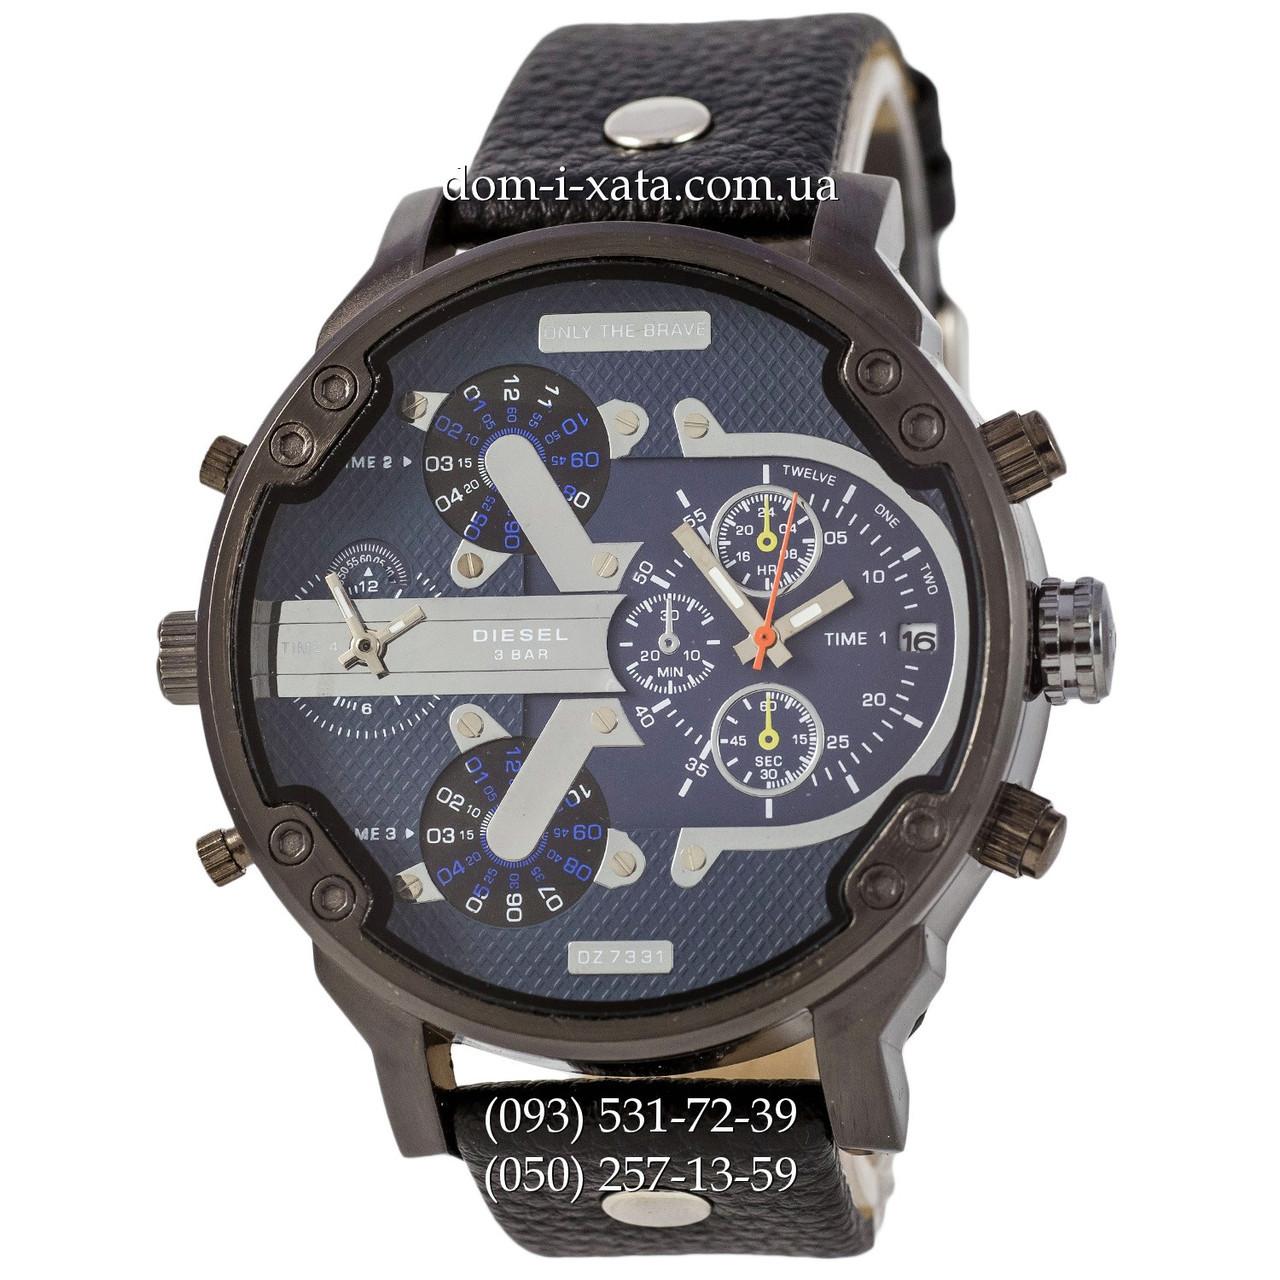 Мужские часы Diesel DZ7314 All Black-Blue-Silver, кварцевые, элитные часы Дизель Брейв, кожаный ремешек, реплика отличное качество!